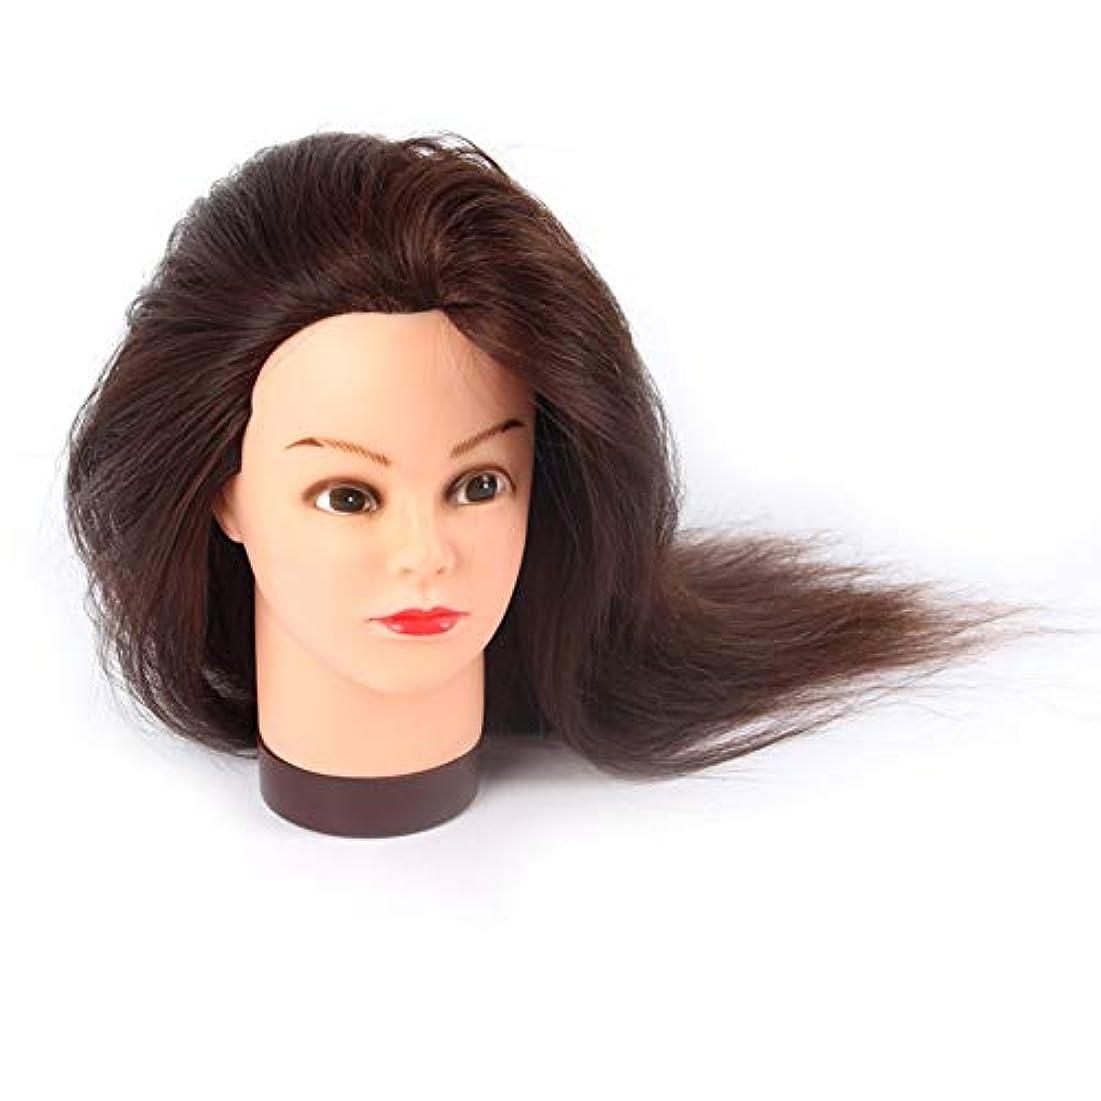 ジョットディボンドン休みつかむリアルヘア熱いロール指導ヘッド理髪店学習パーマ髪染めダミーヘッド花嫁メイクモデリングマネキンヘッド